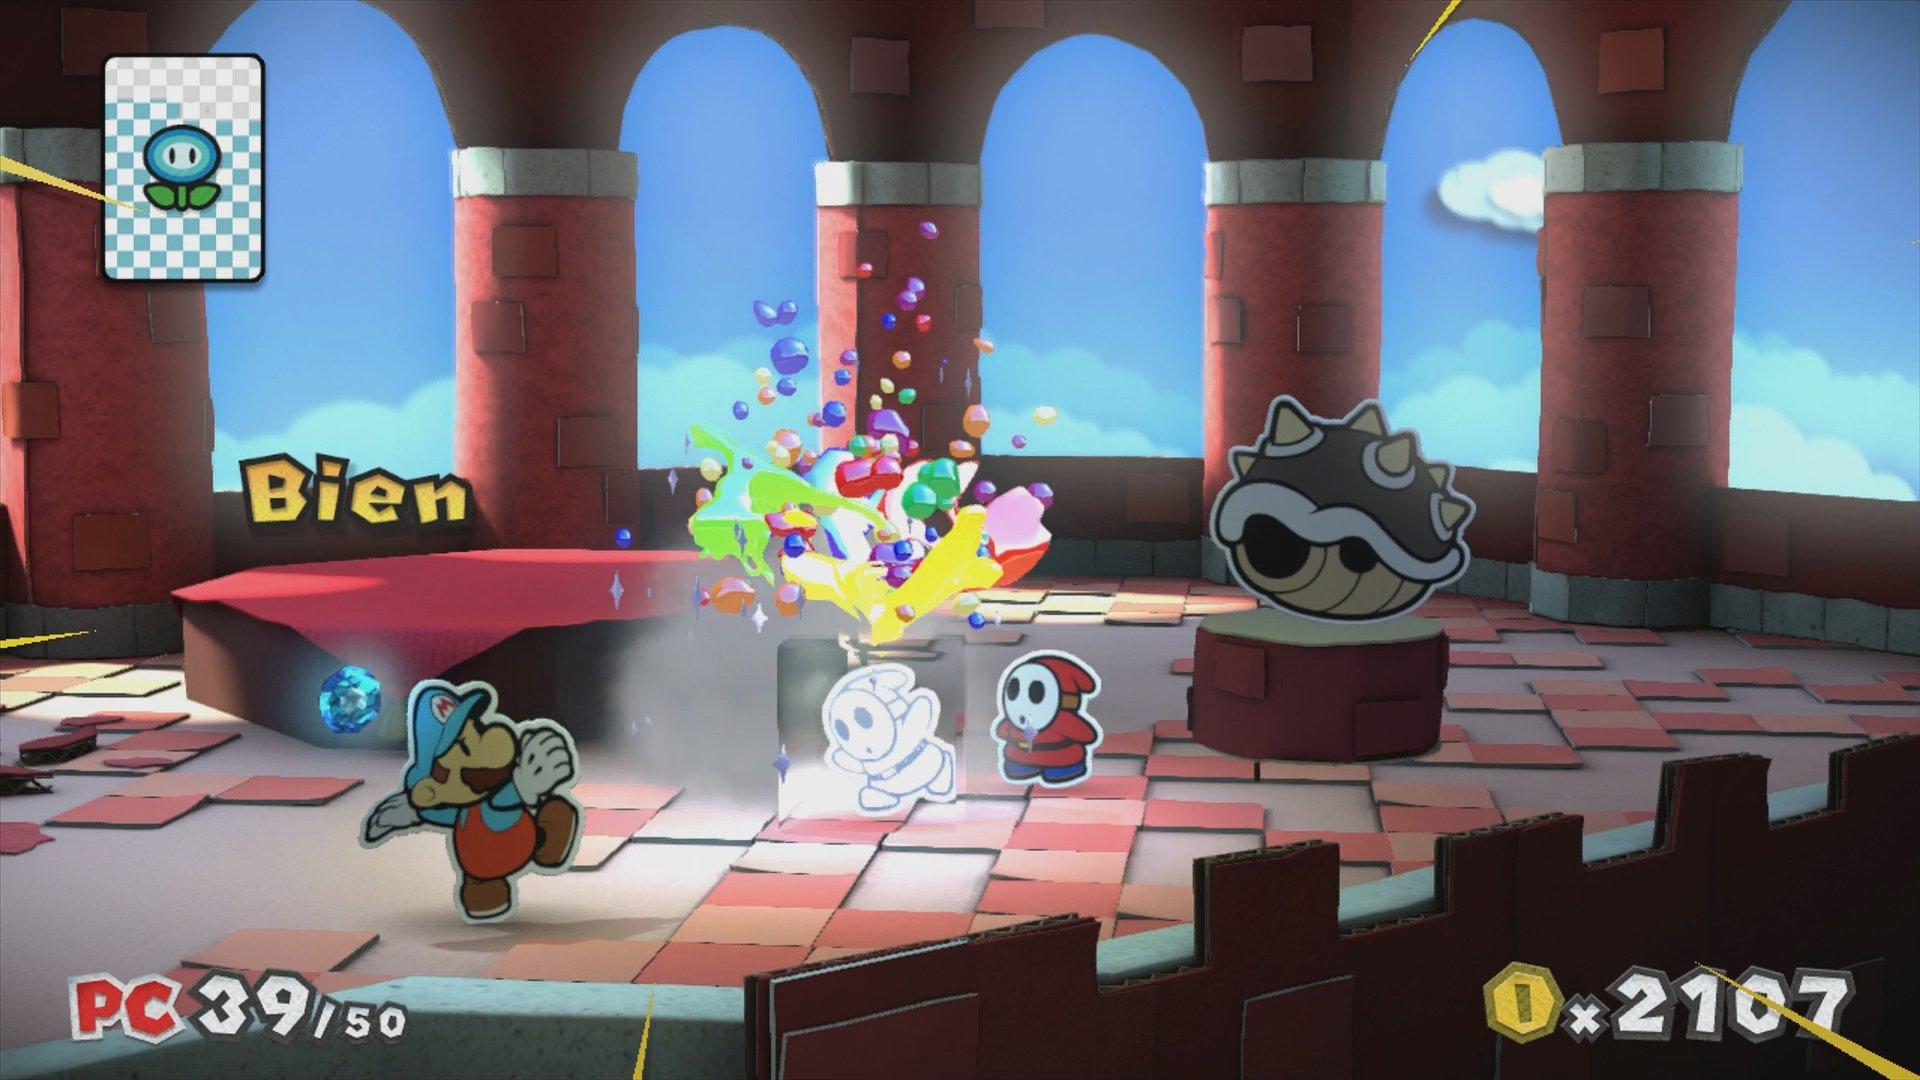 Análisis de Paper Mario Color Splash para Wii U - 3DJuegos